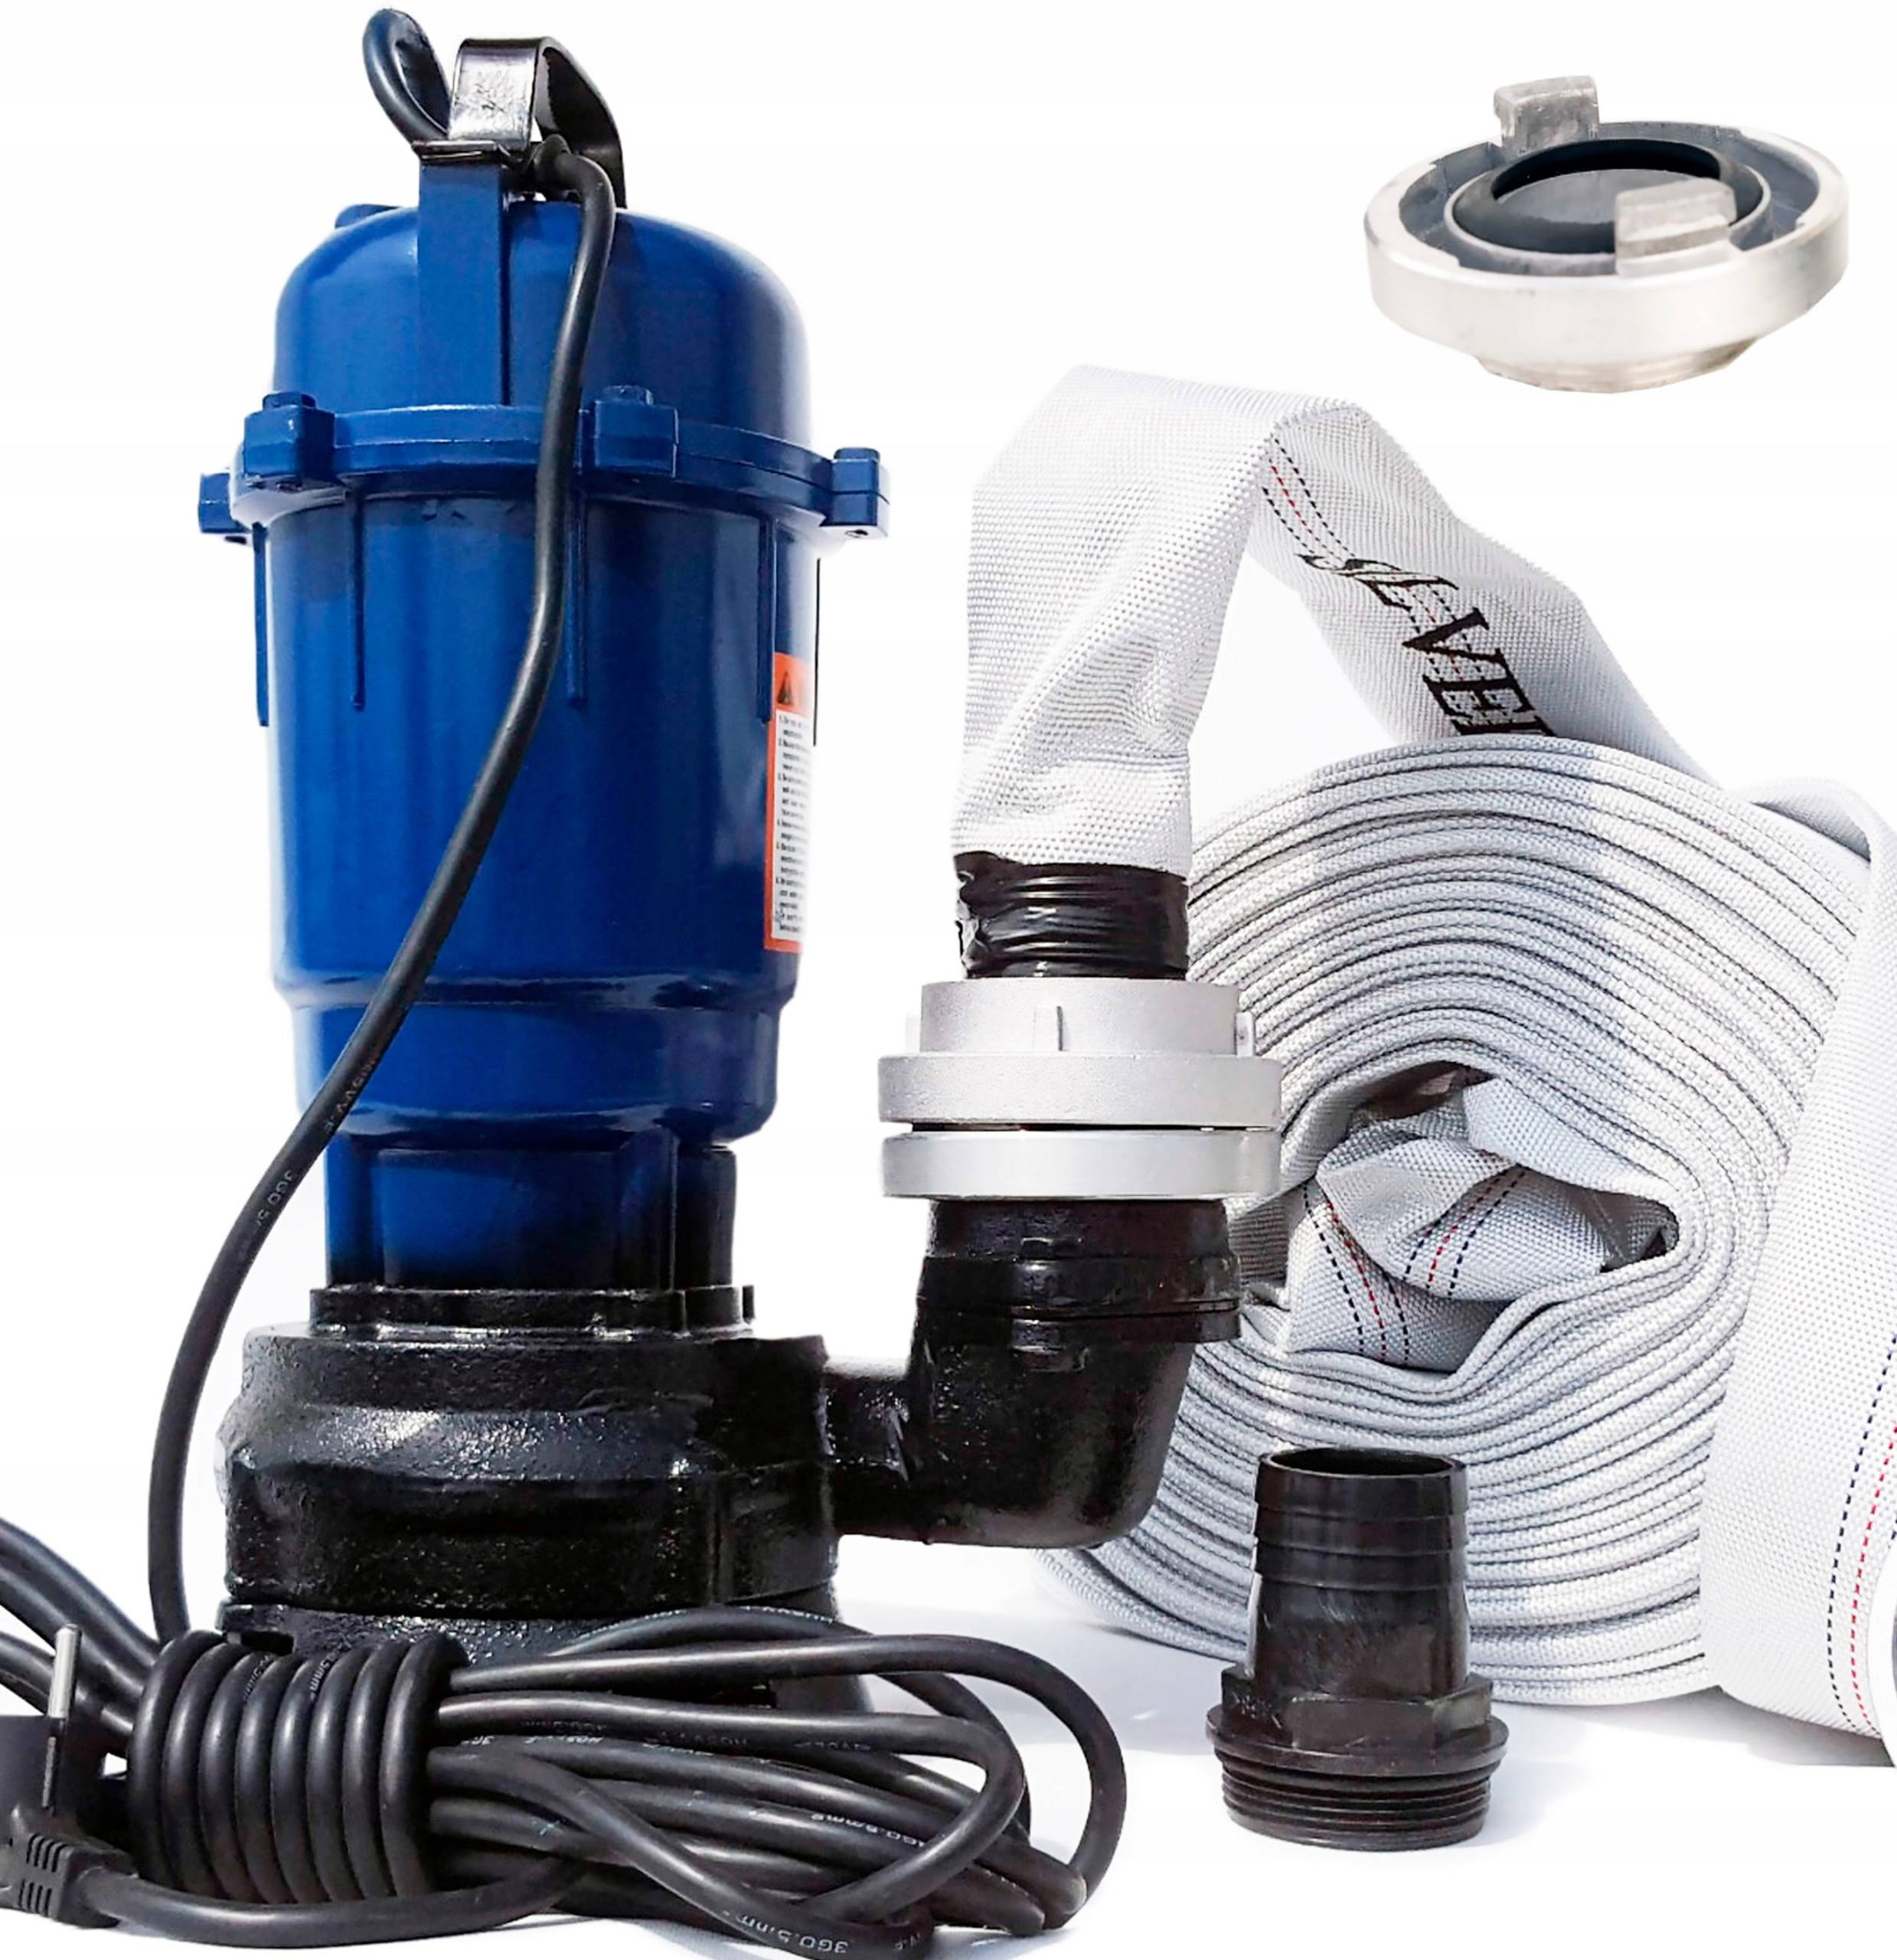 Погружные насосы для скважины: как выбрать насос, преимущества, основные характеристики